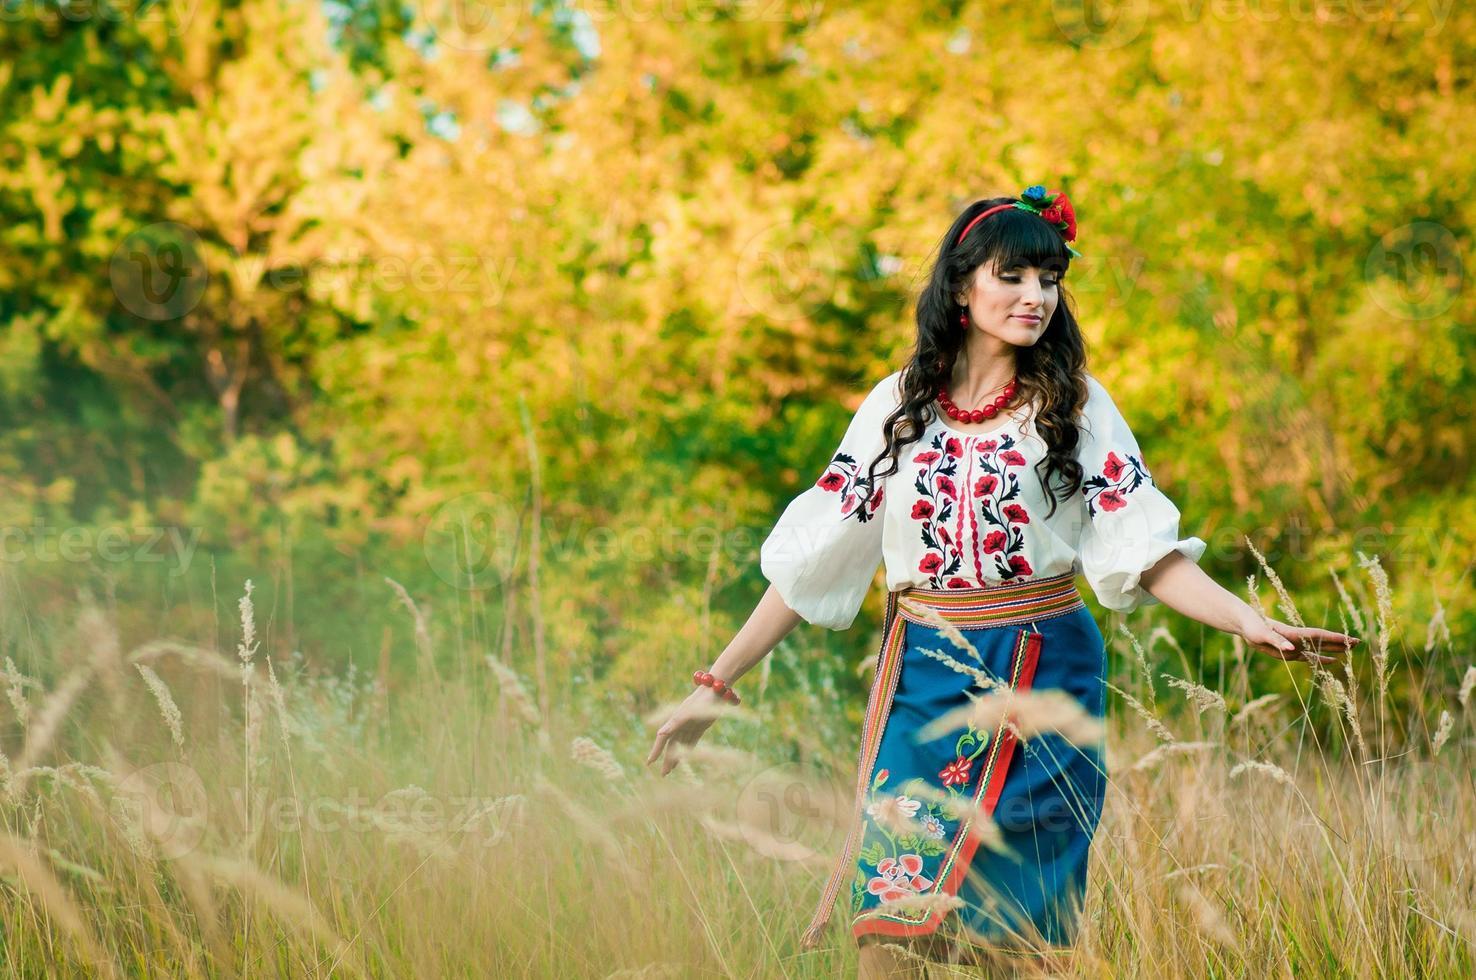 donna ucraina in vestiti nazionali sul campo di grano foto